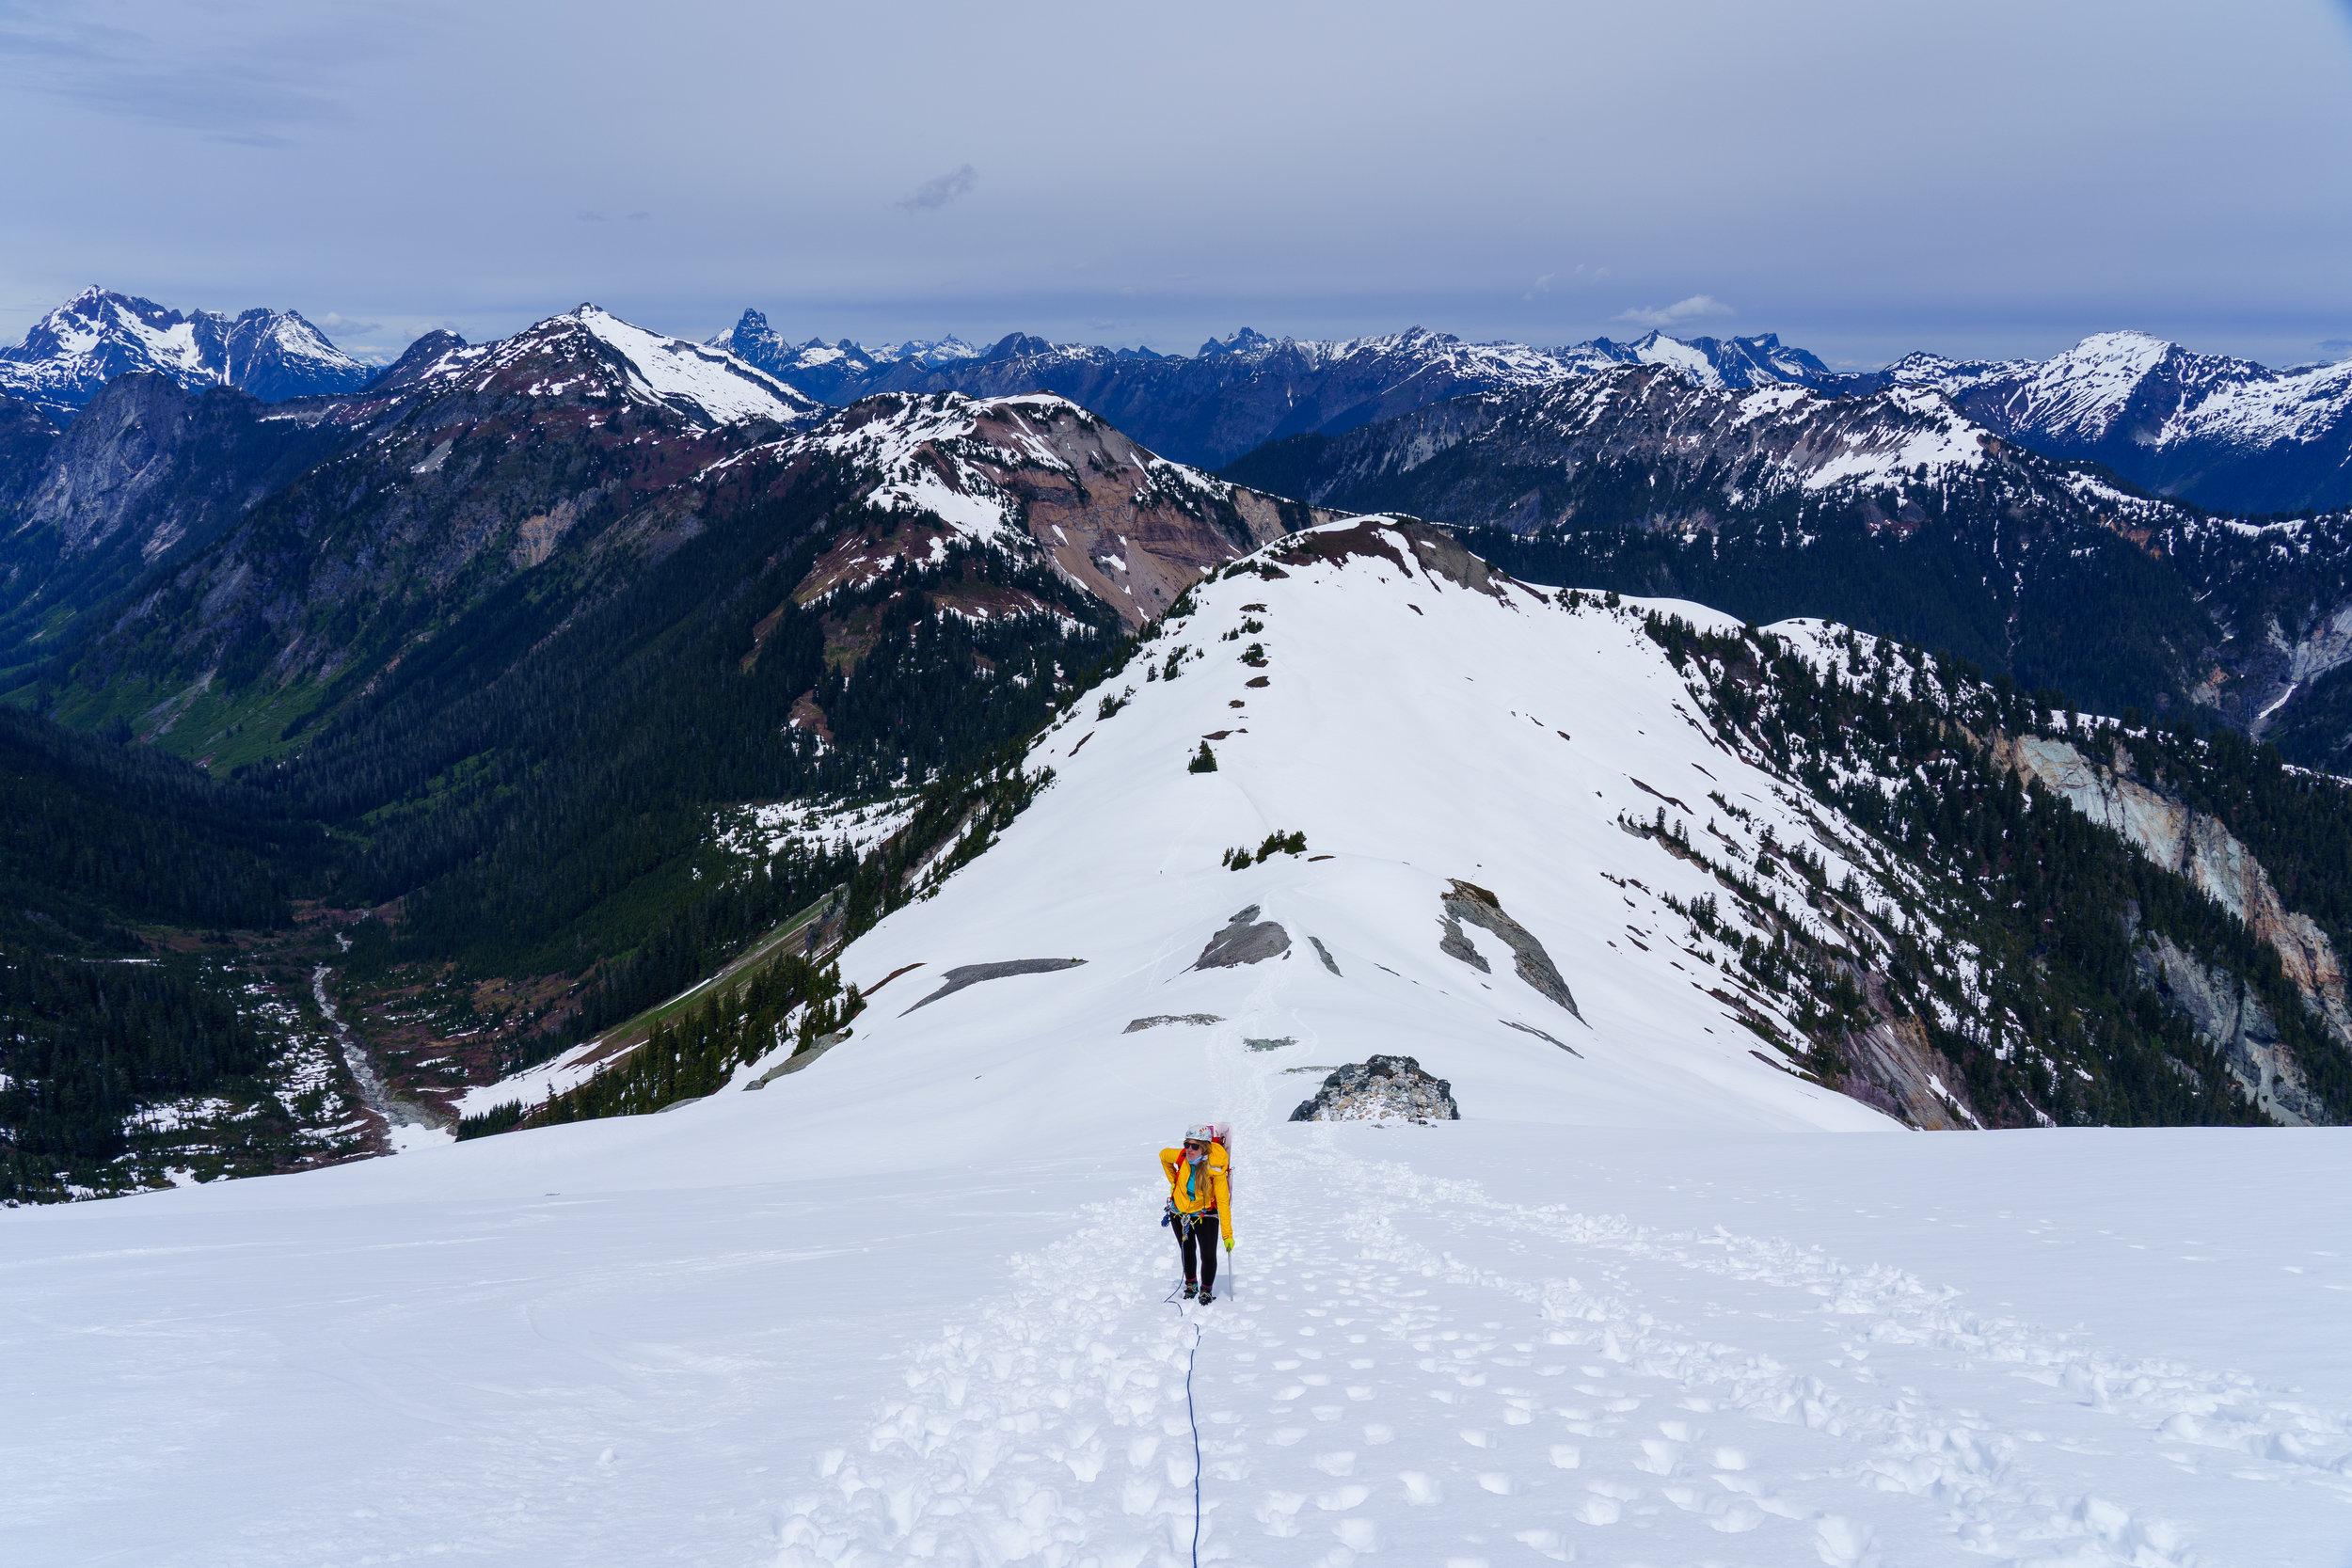 Nikki behind me, North Cascades behind her